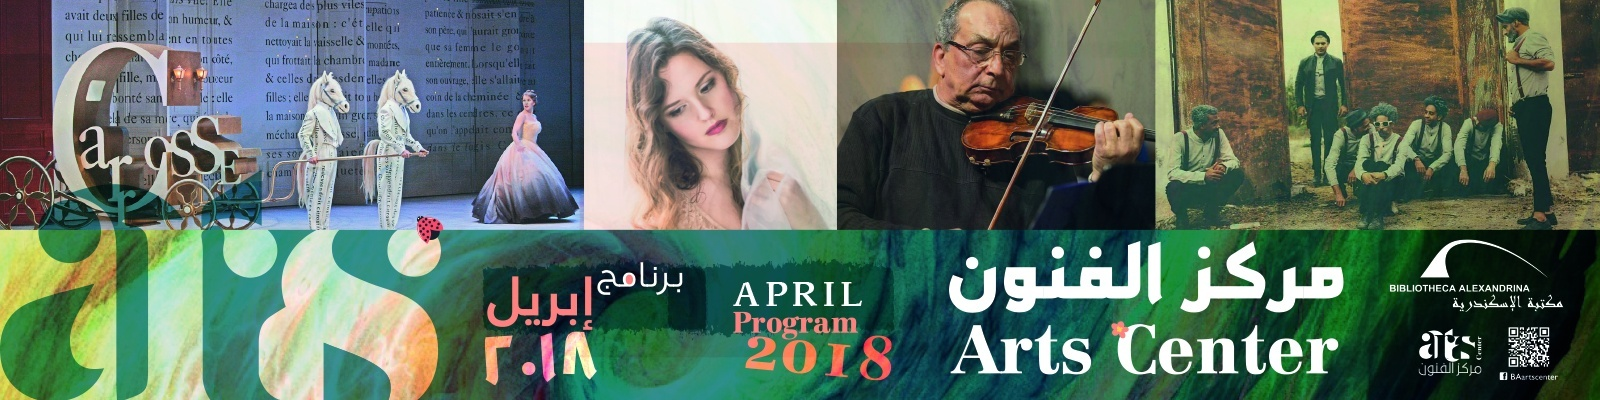 برنامج مركز الفنون لشهر إبريل 2018